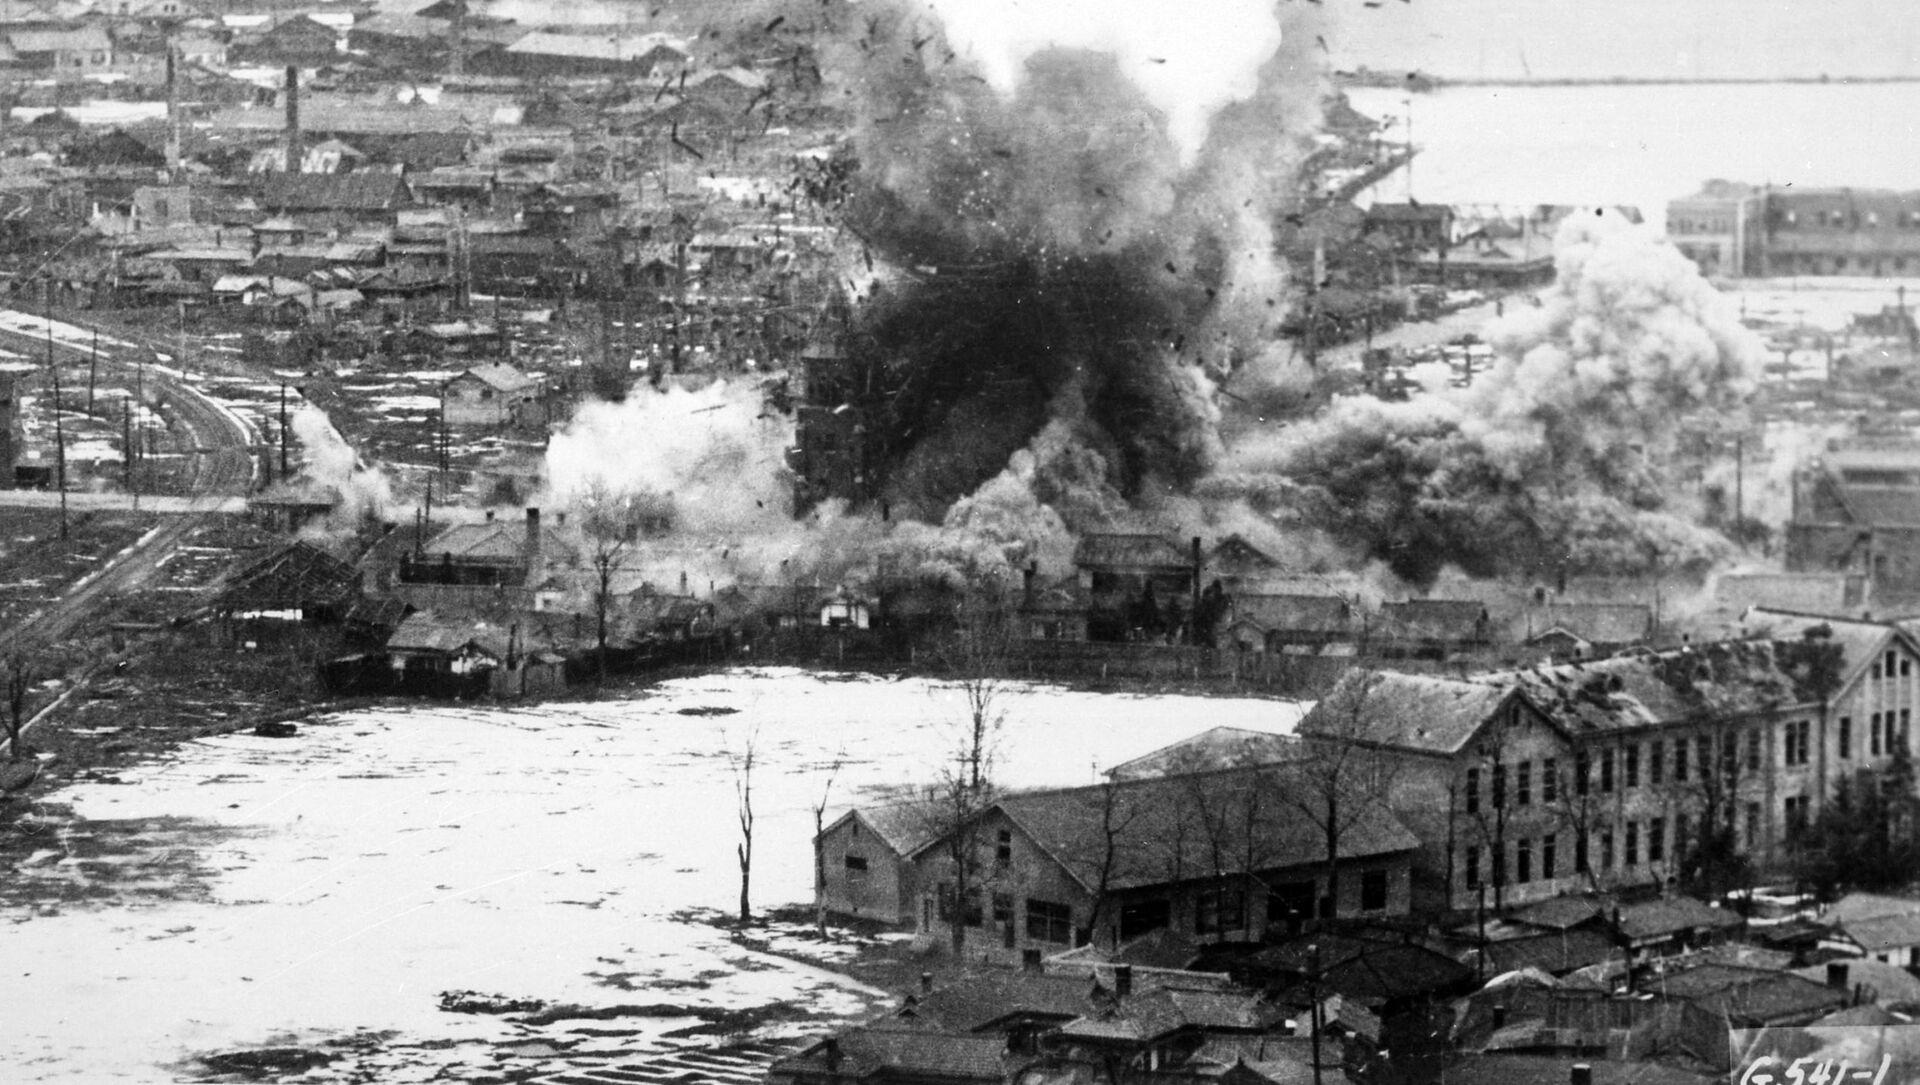 Útok bombardérů B-26 ve Wonsanu v Severní Koreji, 1951 - Sputnik Česká republika, 1920, 20.04.2021